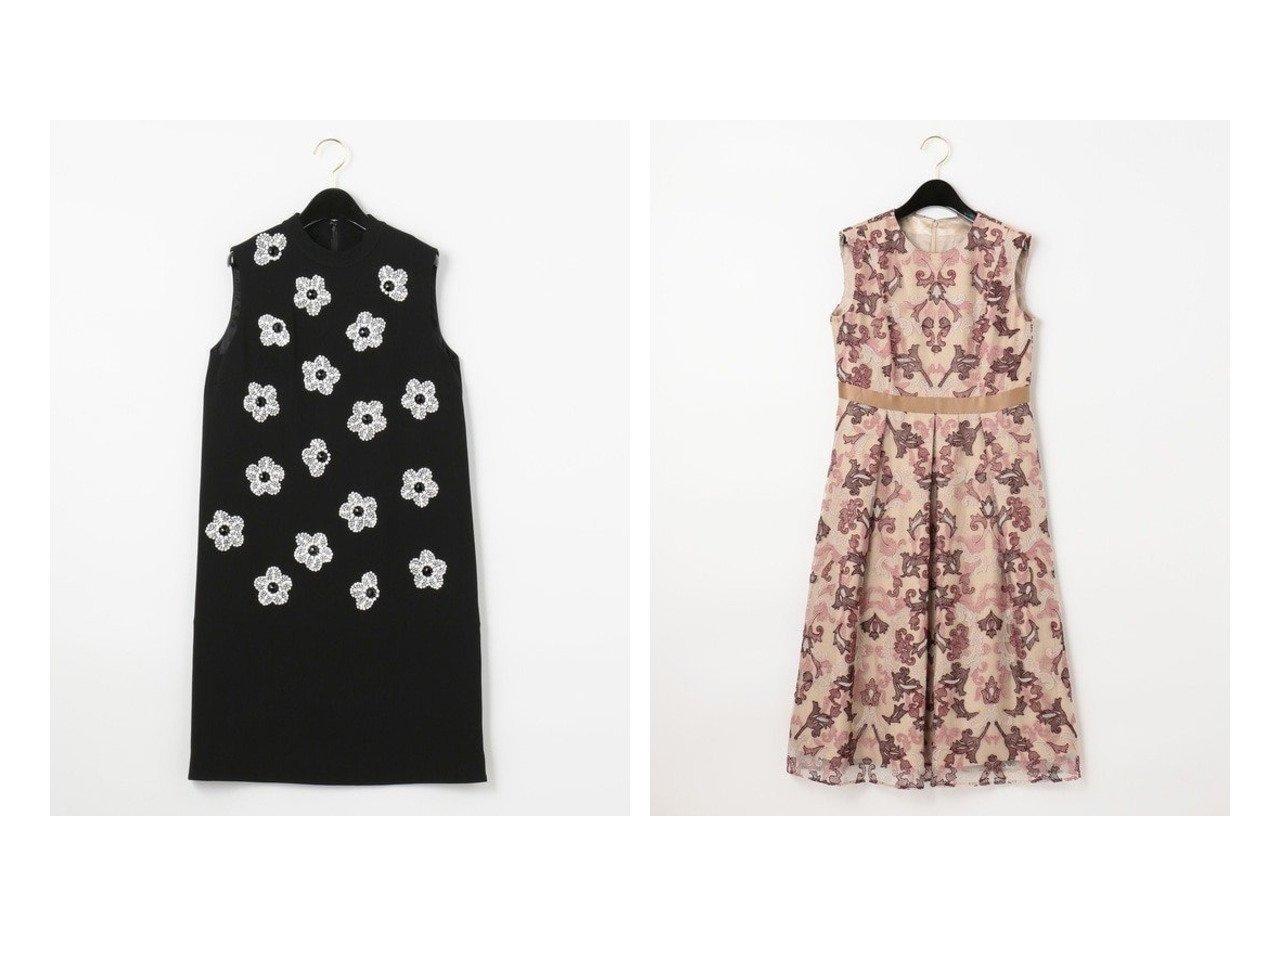 【GRACE CONTINENTAL/グレース コンチネンタル】のオーナメントチュール刺繍ドレス&ビジューフラワータイトワンピース ワンピース・ドレスのおすすめ!人気、レディースファッションの通販 おすすめで人気のファッション通販商品 インテリア・家具・キッズファッション・メンズファッション・レディースファッション・服の通販 founy(ファニー) https://founy.com/ ファッション Fashion レディース WOMEN ワンピース Dress ドレス Party Dresses ジョーゼット ノースリーブ ビジュー フラワー ロング スペシャル チュール ドレス フィット フェミニン フレア  ID:crp329100000001356